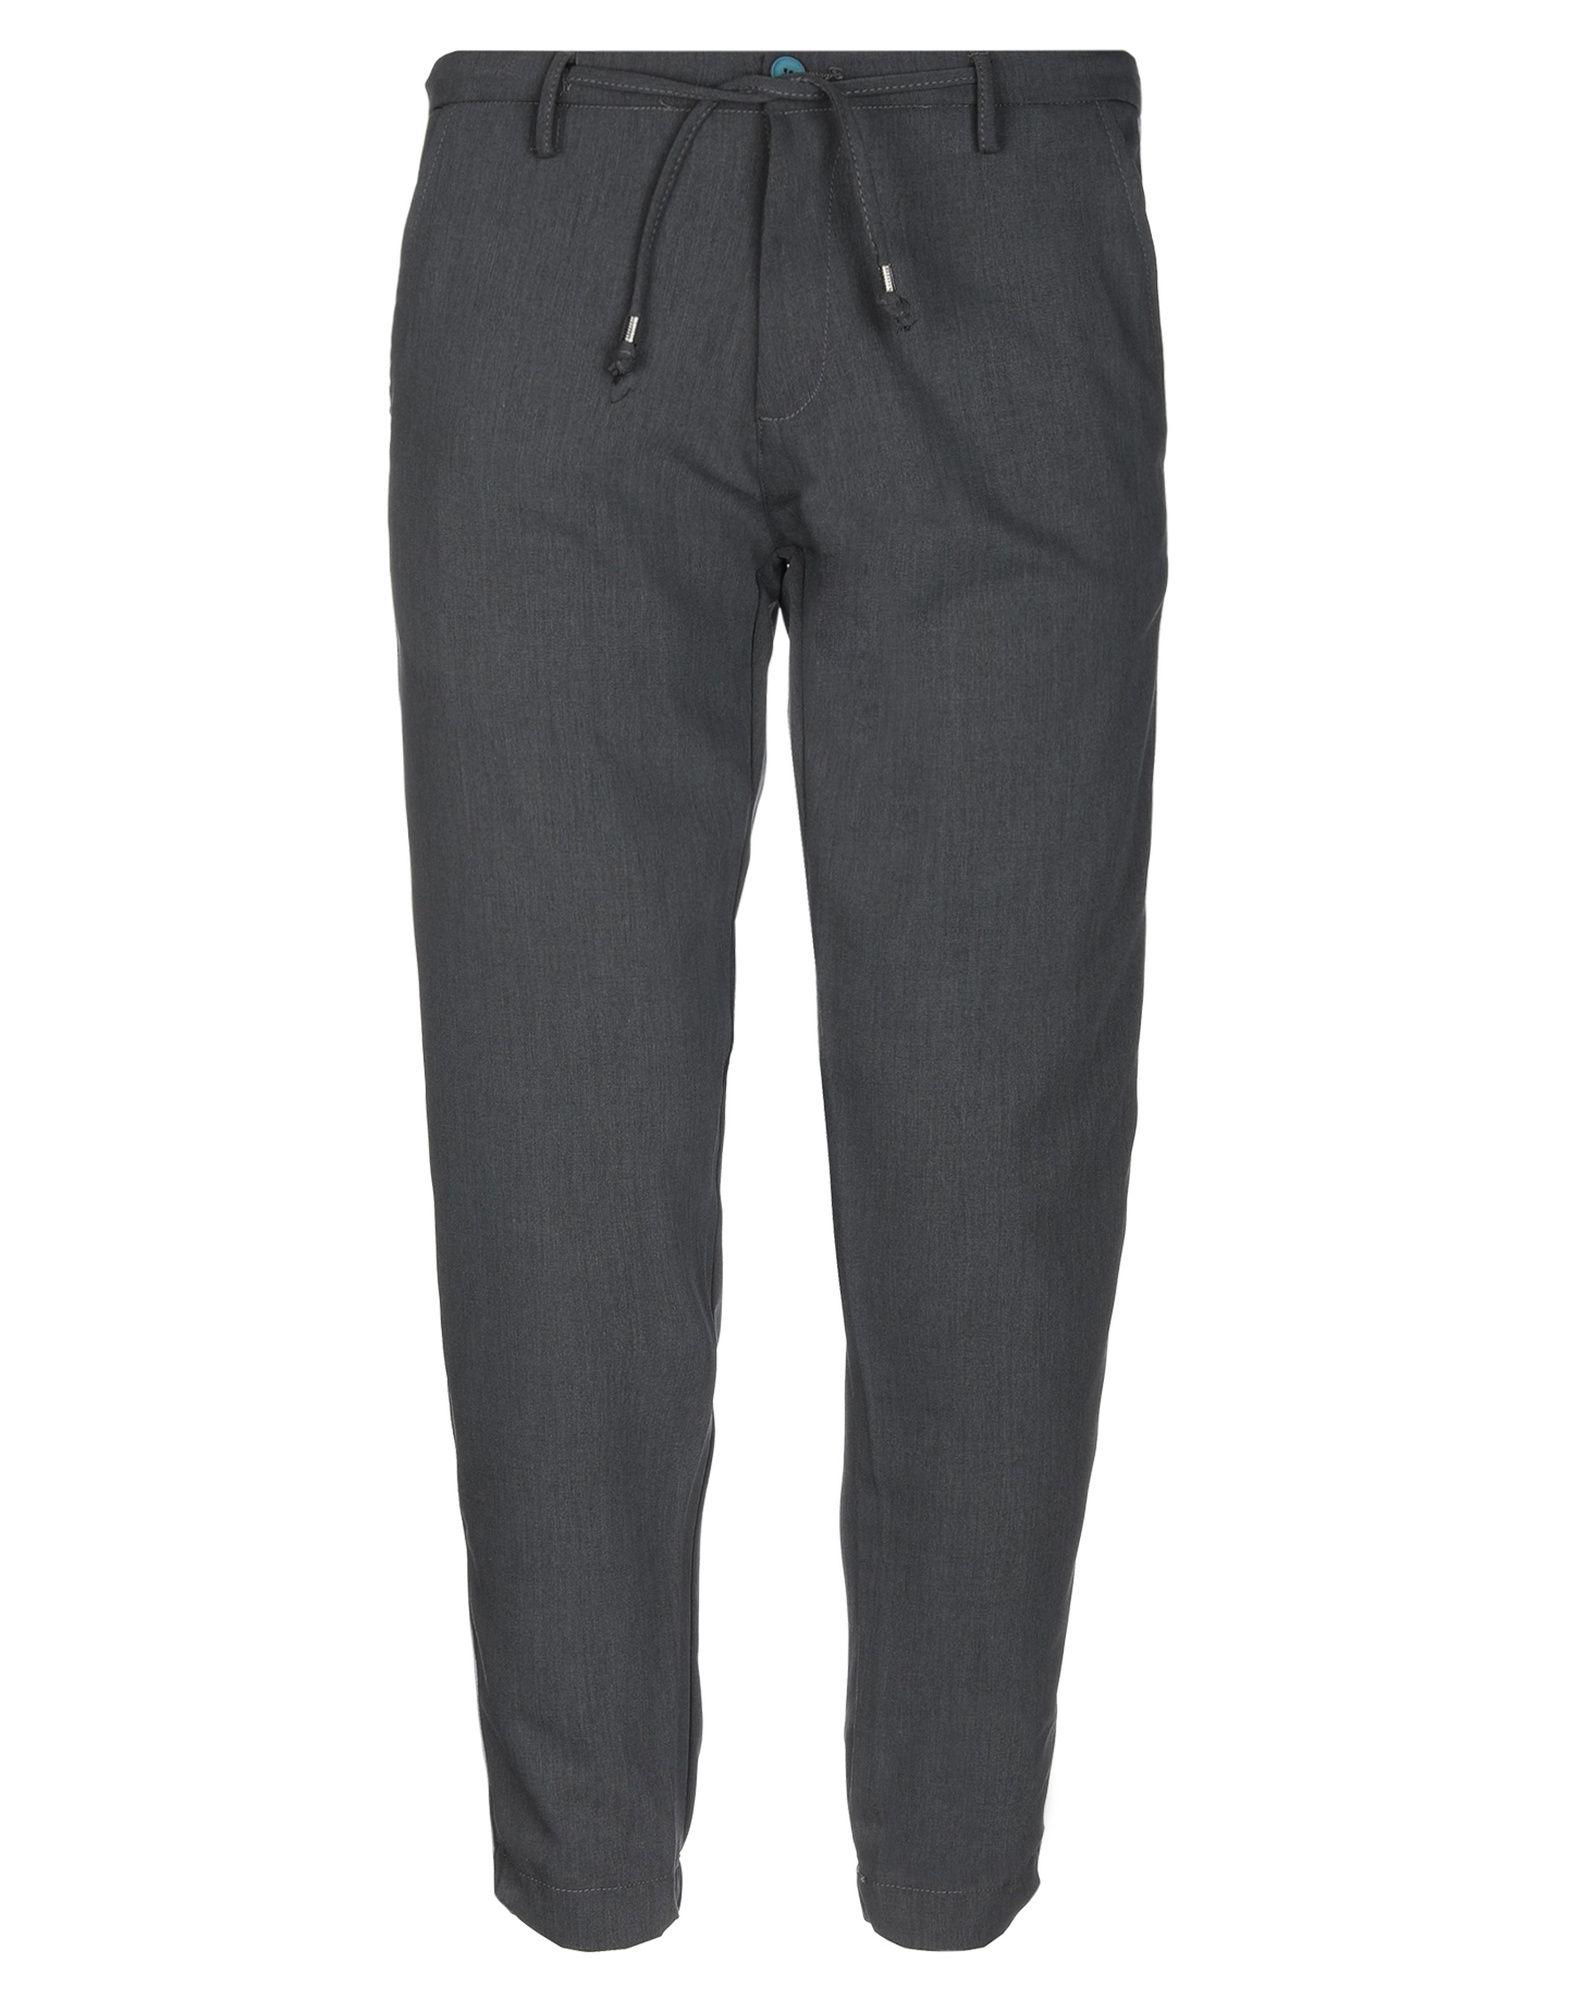 Pantalone Acai Studio herren - 13286700TD